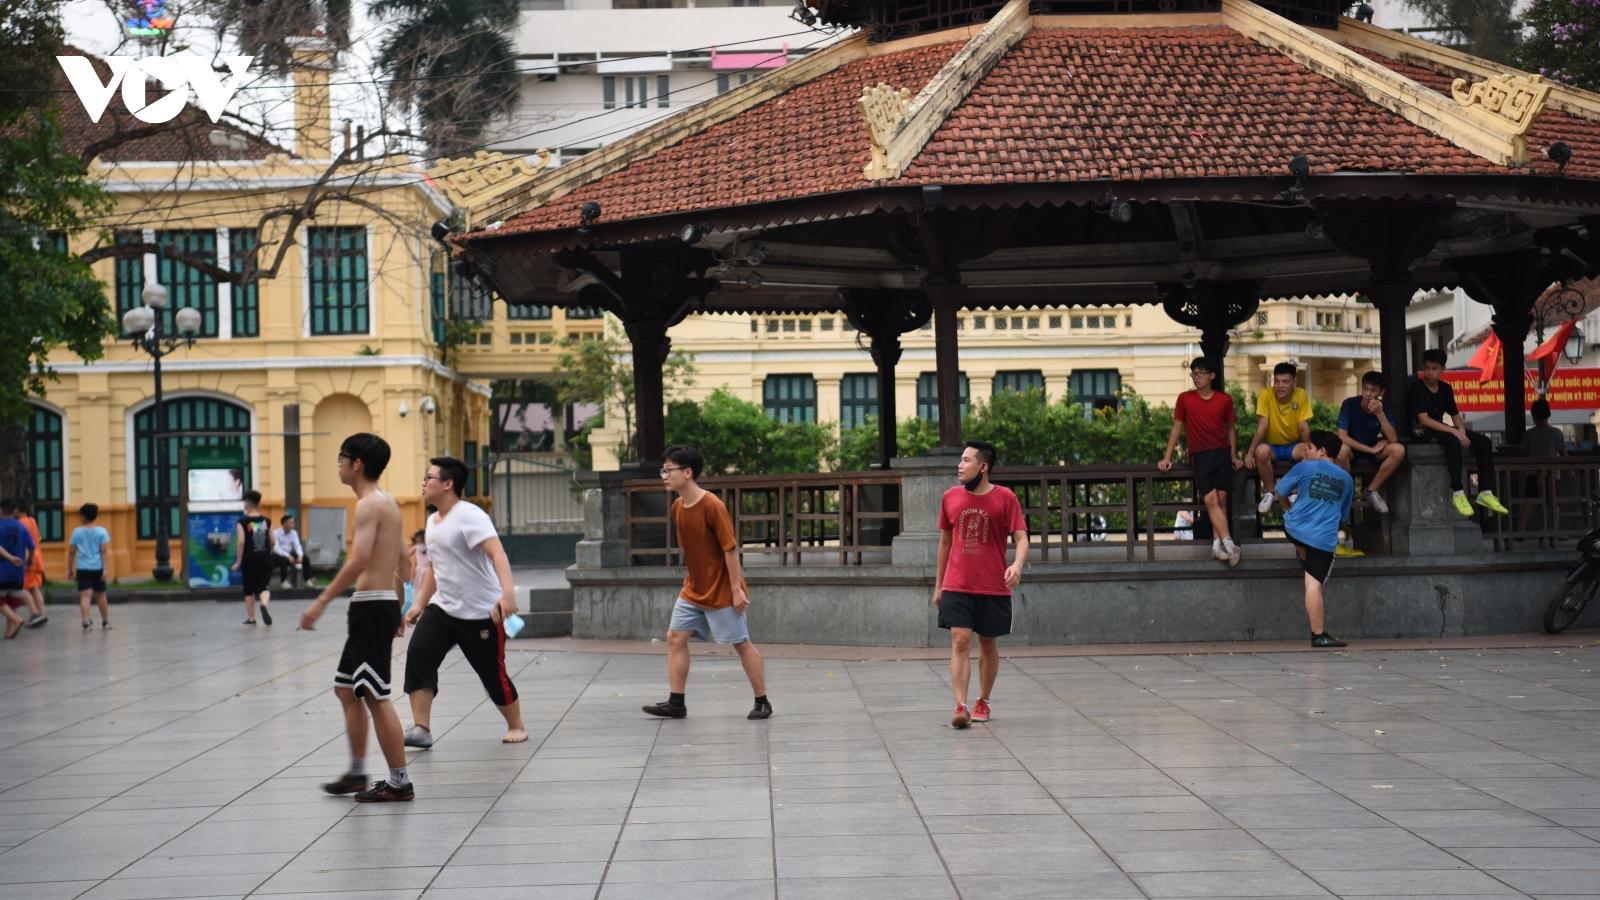 Một số người dân vẫn tập thể dục ở vườn hoa, công viên, phớt lờ phòng dịch Covid-19